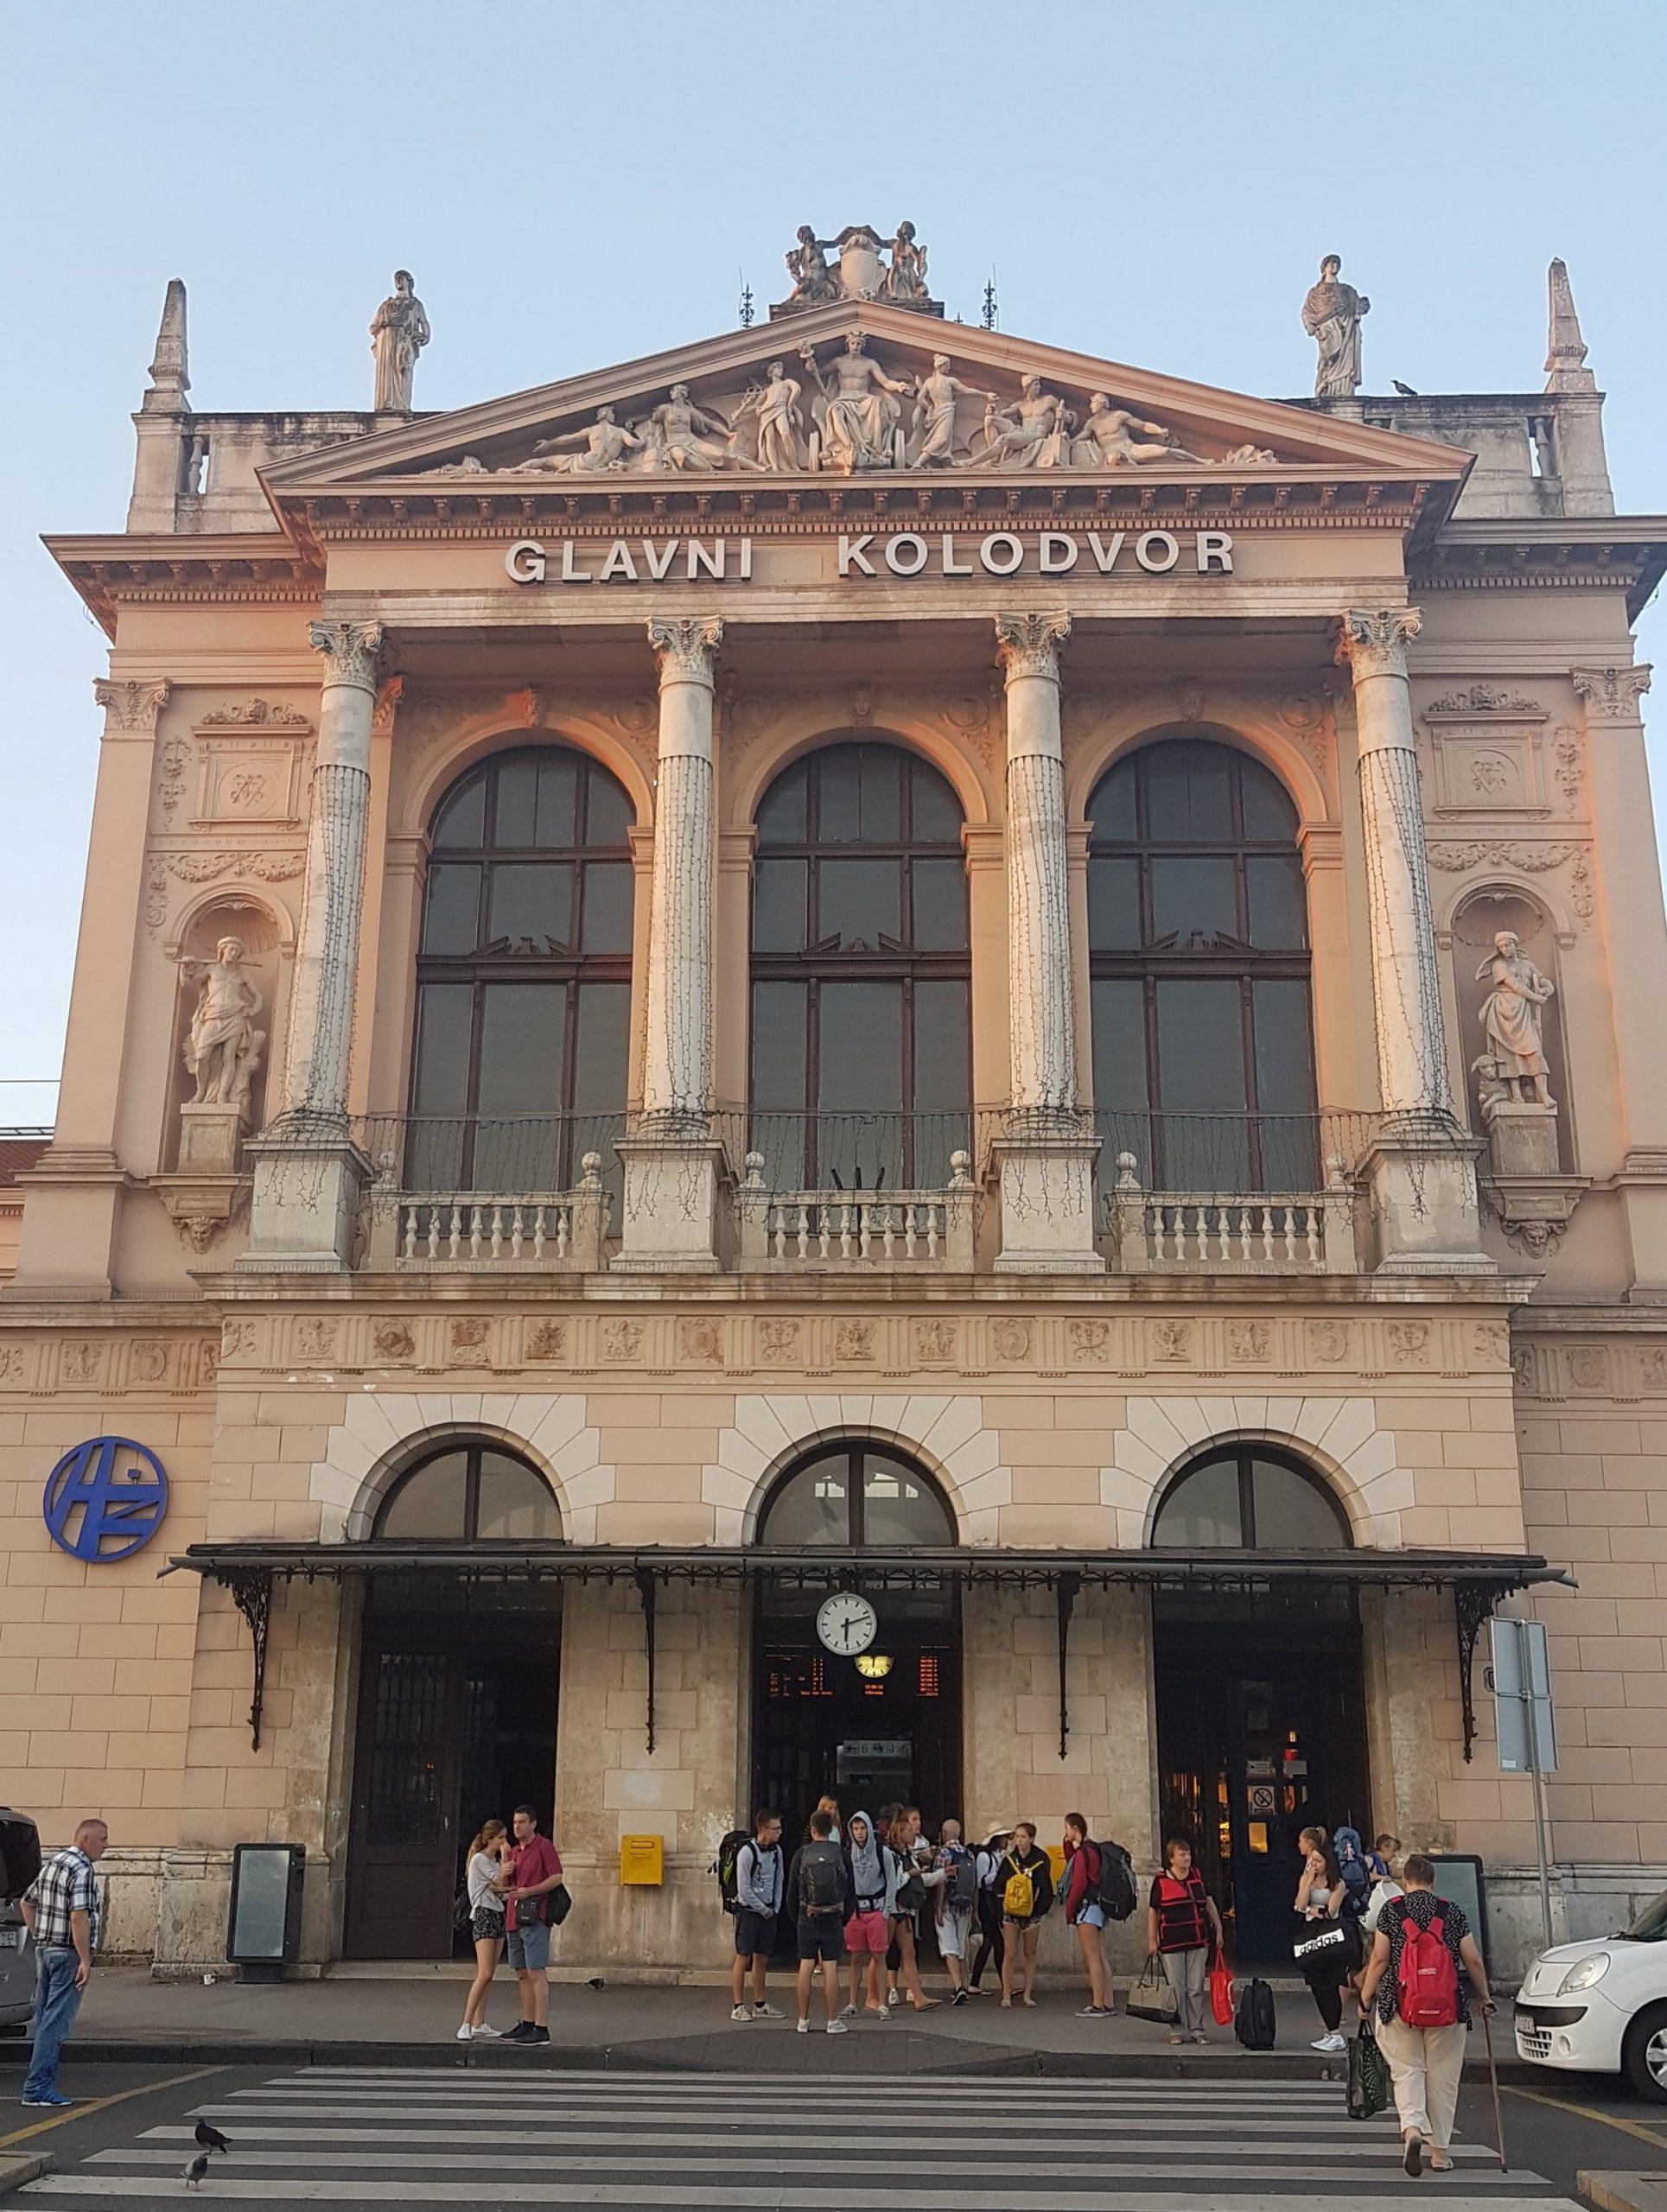 Exterior de la estación de Trenes Glavni Kolodvor